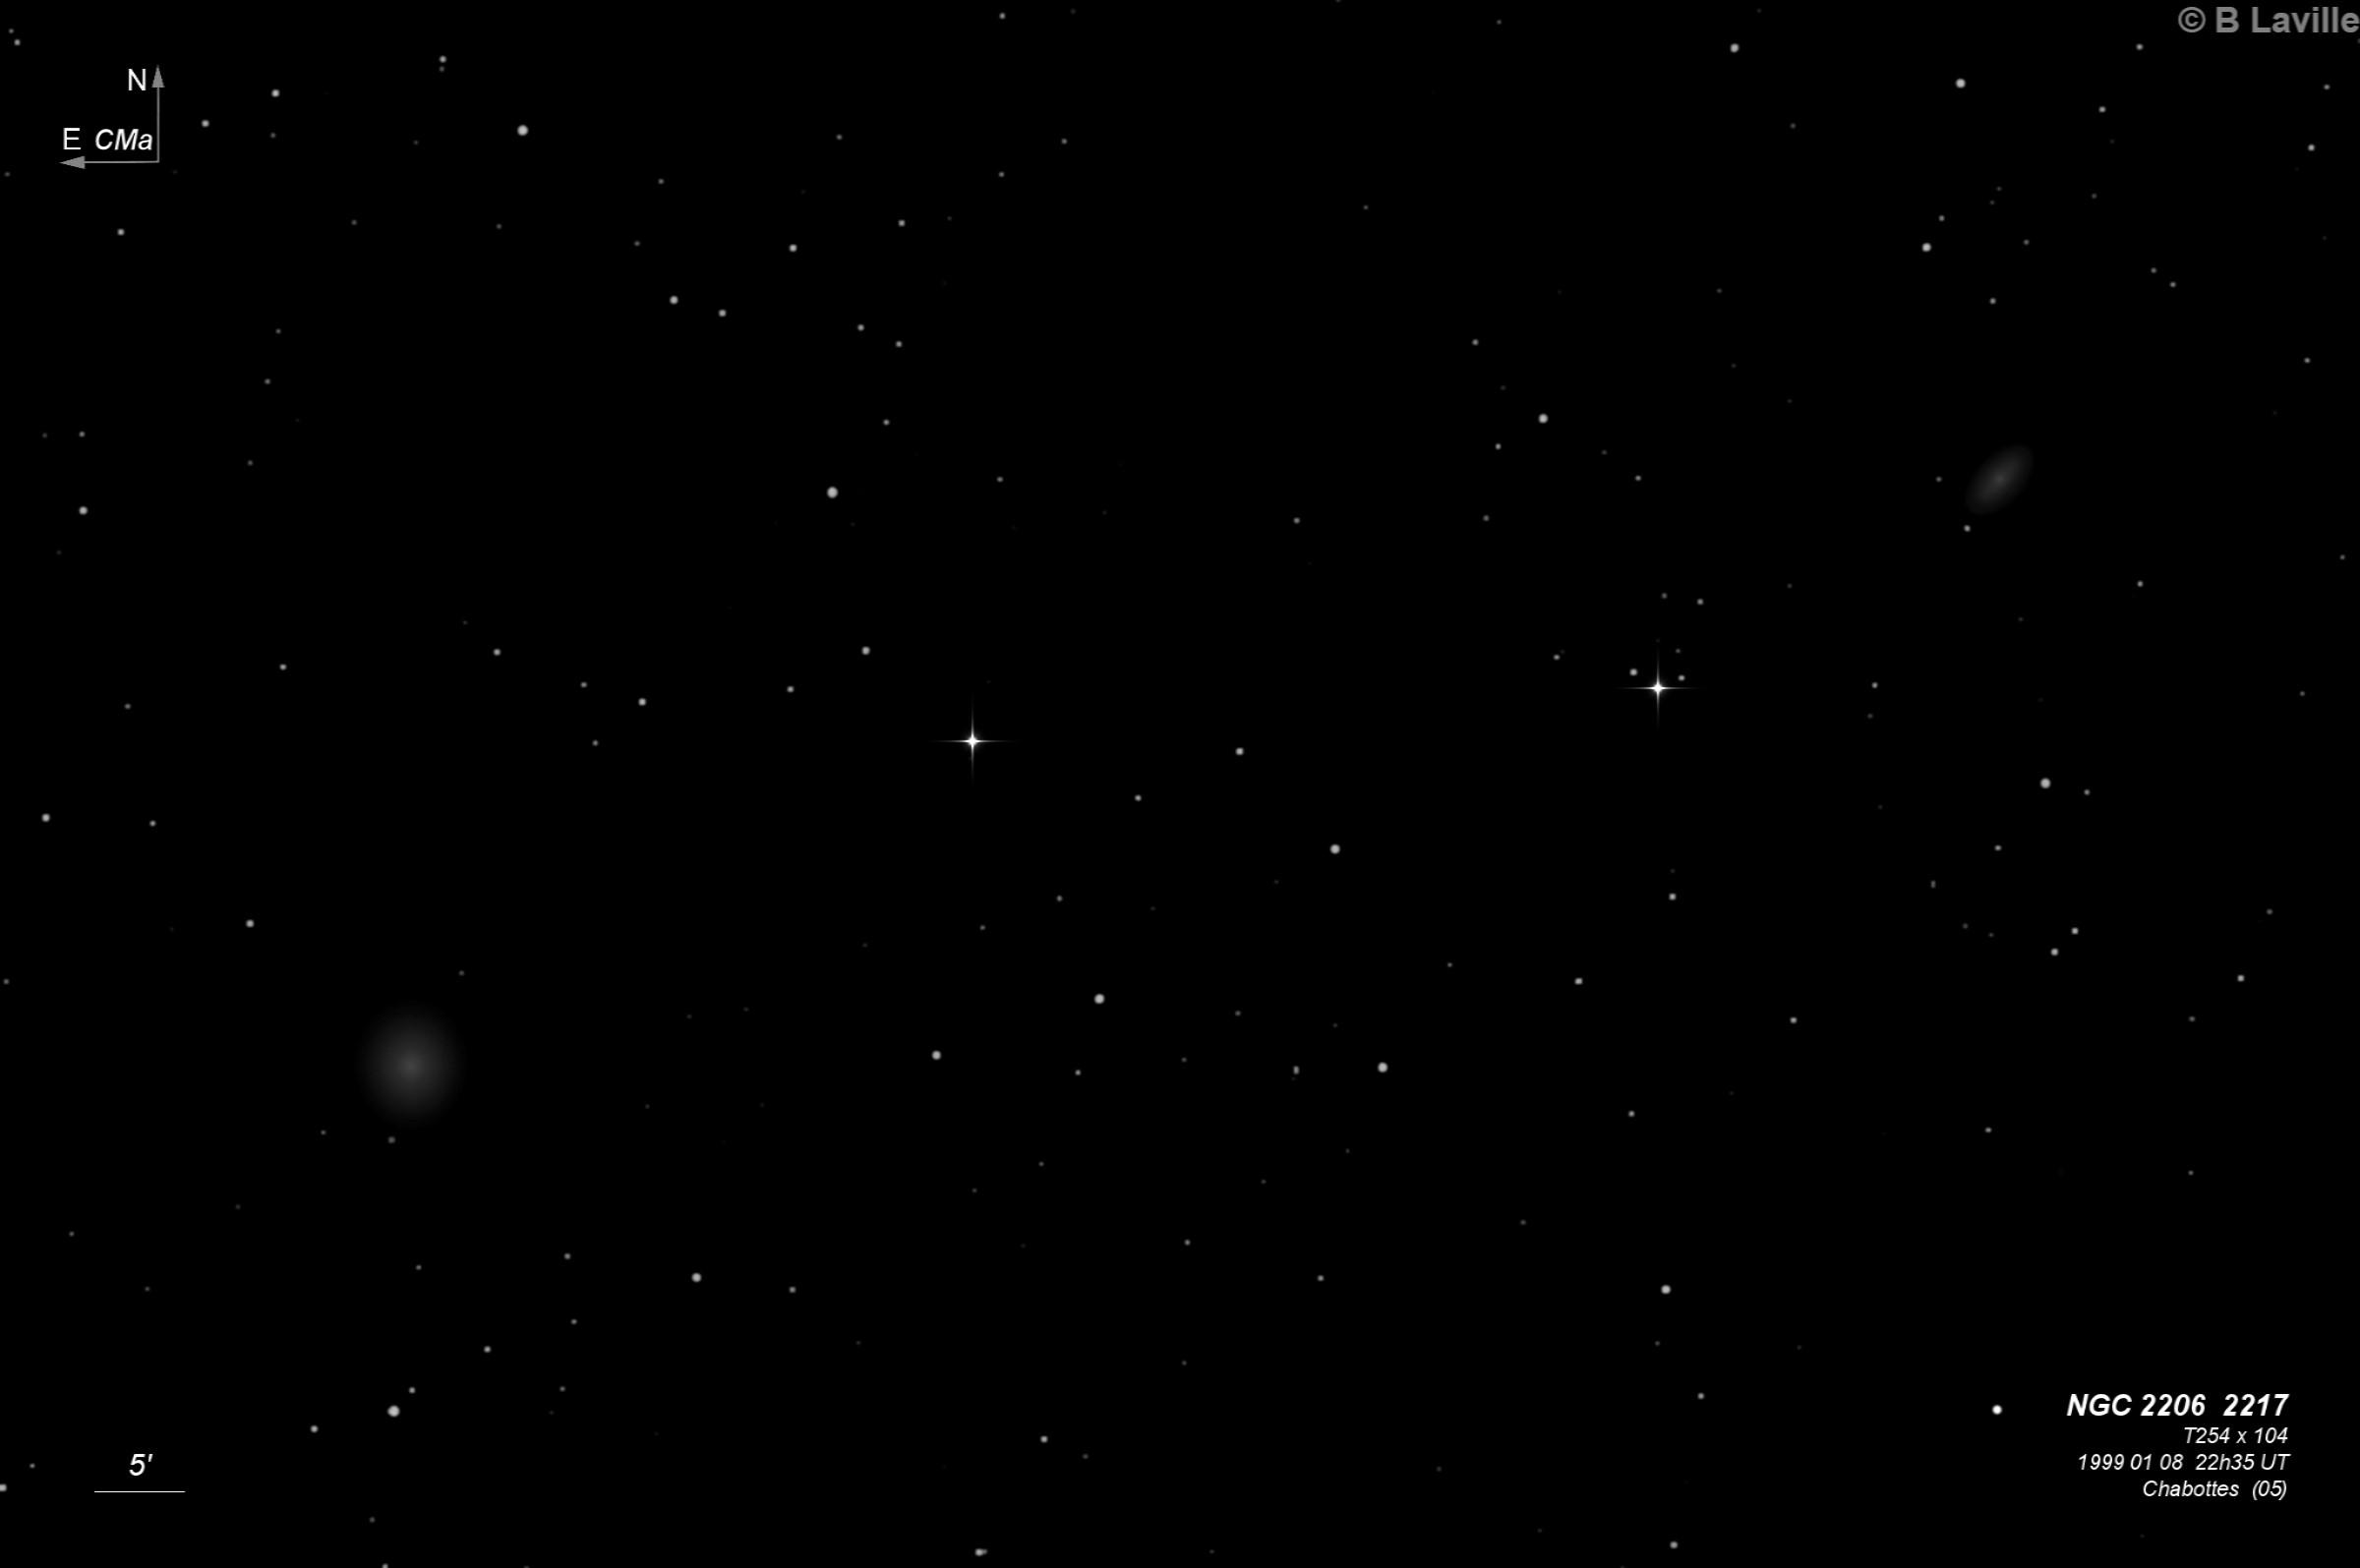 NGC 2206 & NGC 2217